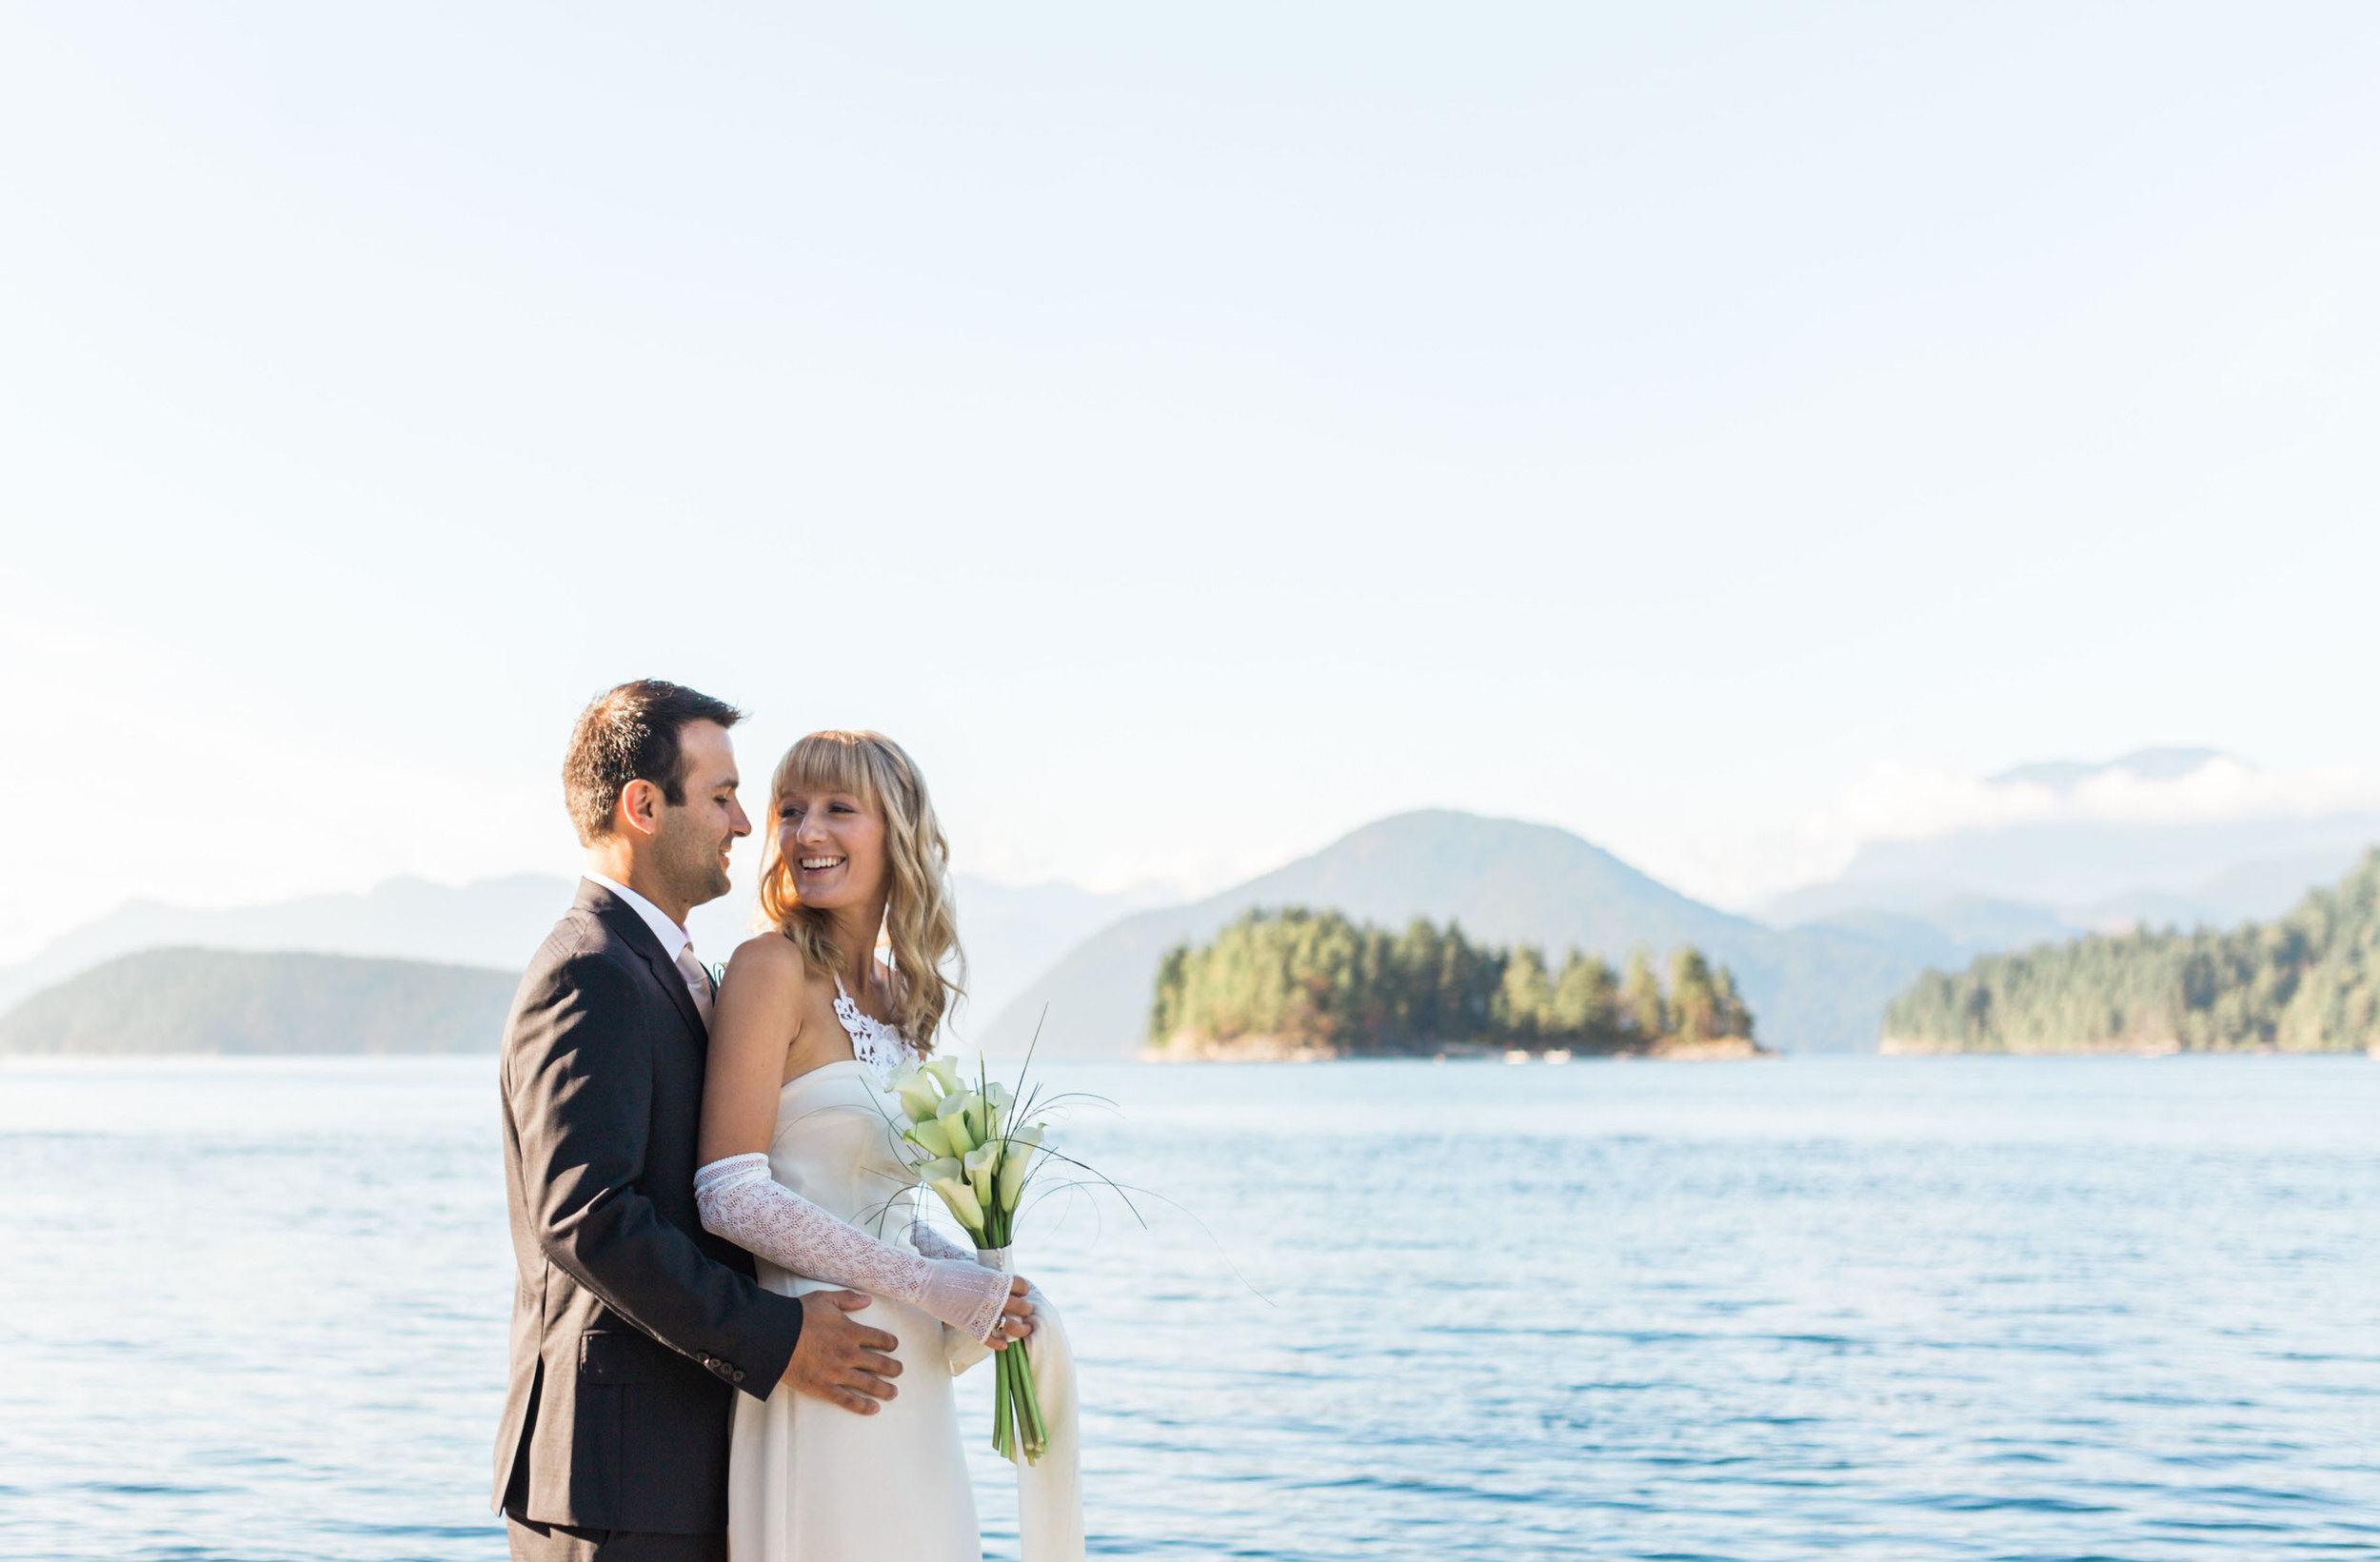 Sunshine Coast Wedding Photographer - Vancouver Wedding Photographer - West Coast Wilderness Lodge Wedding - Jennifer Picard Photography - IMG_7901.jpg